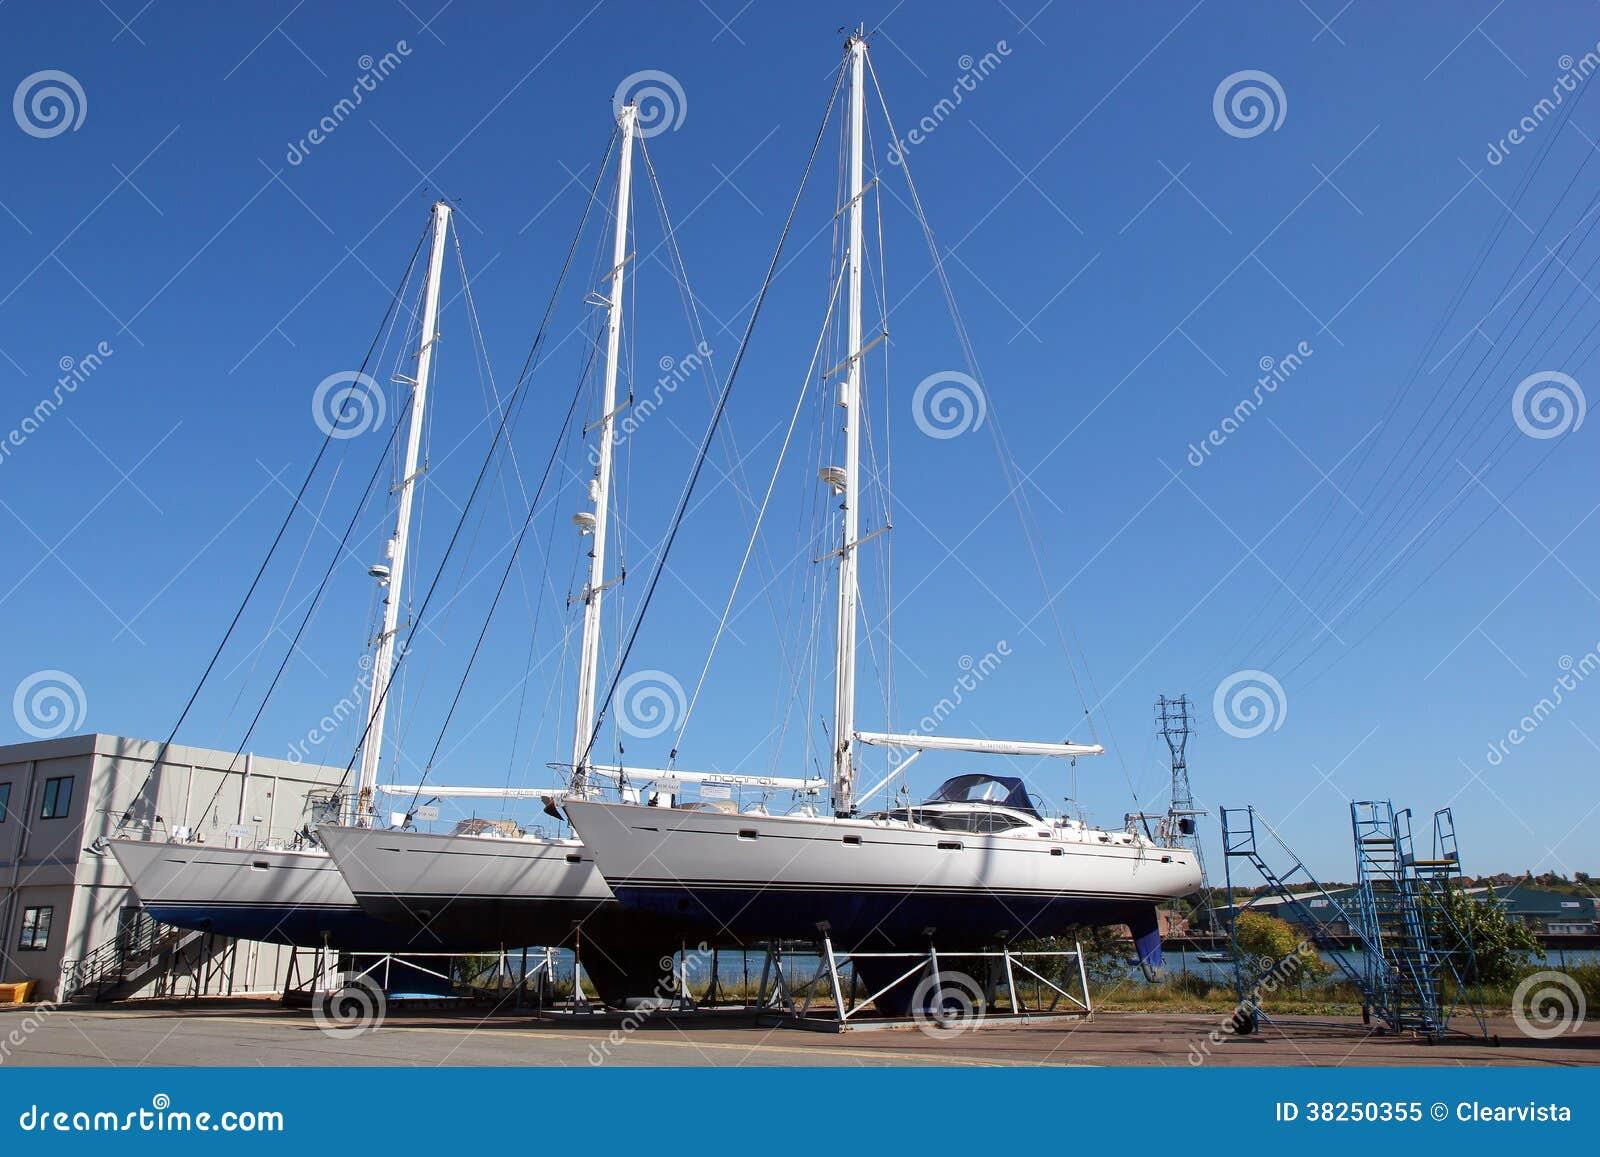 Boten of jachten voor verkoop in een bootwerf.